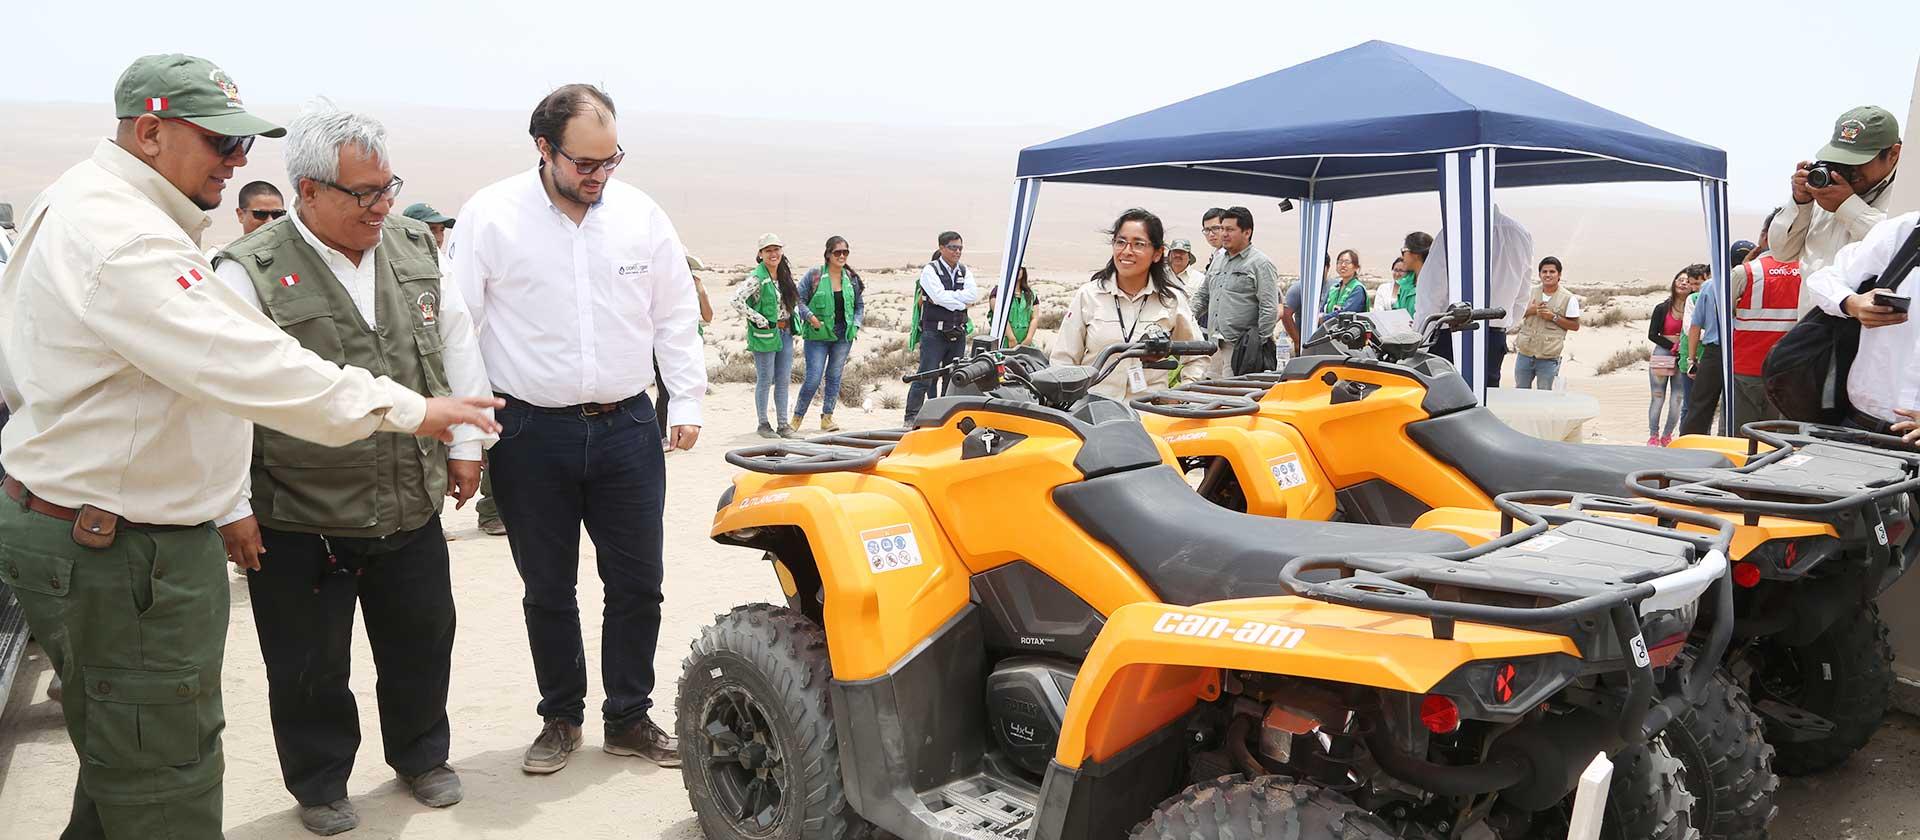 Contugas entrega cuatrimotos, dron y módulo de control a la Reserva Nacional San Fernando